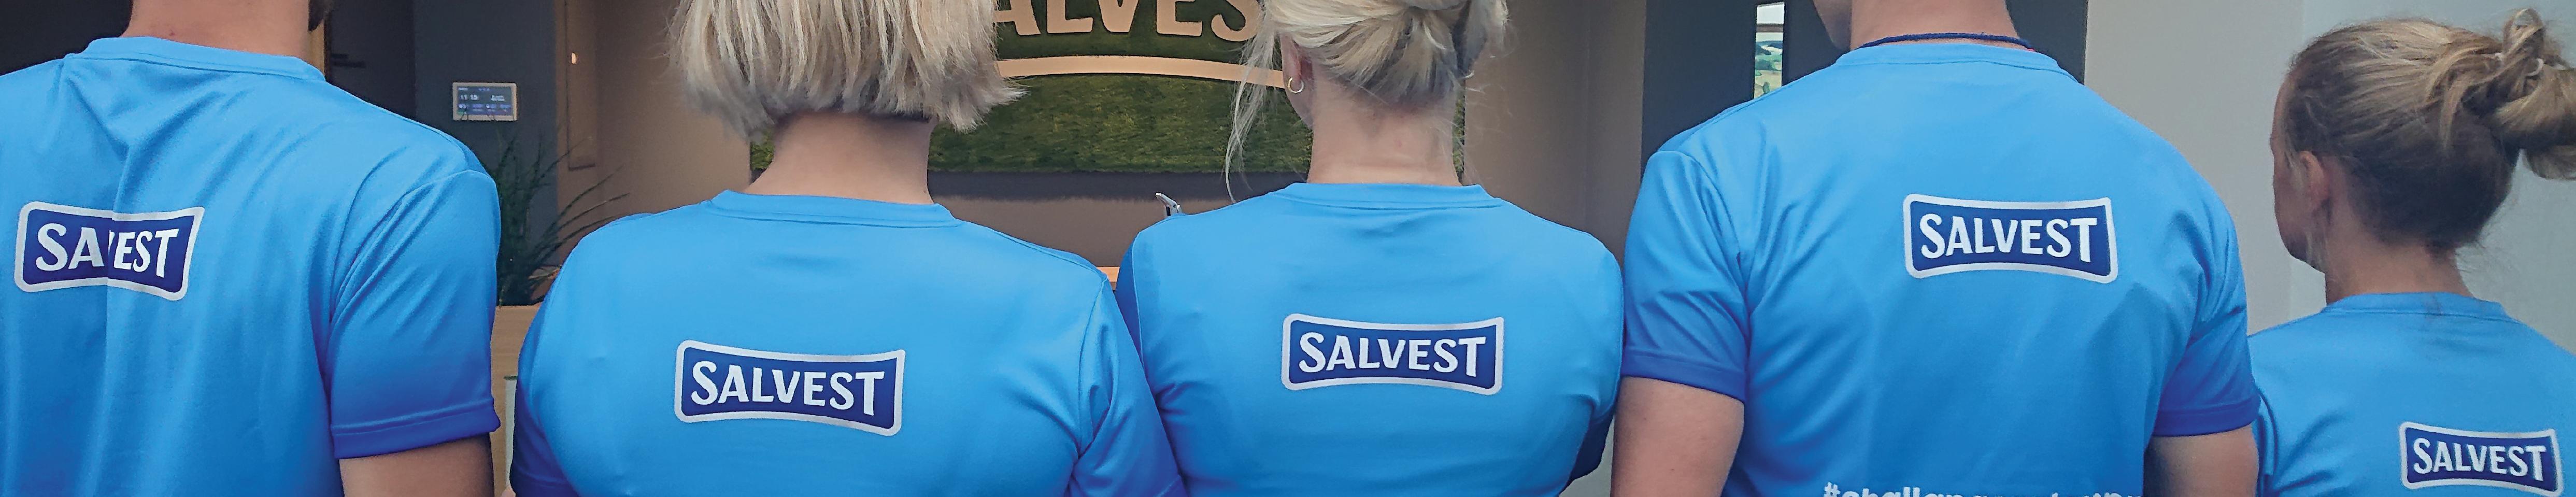 salvest_sport